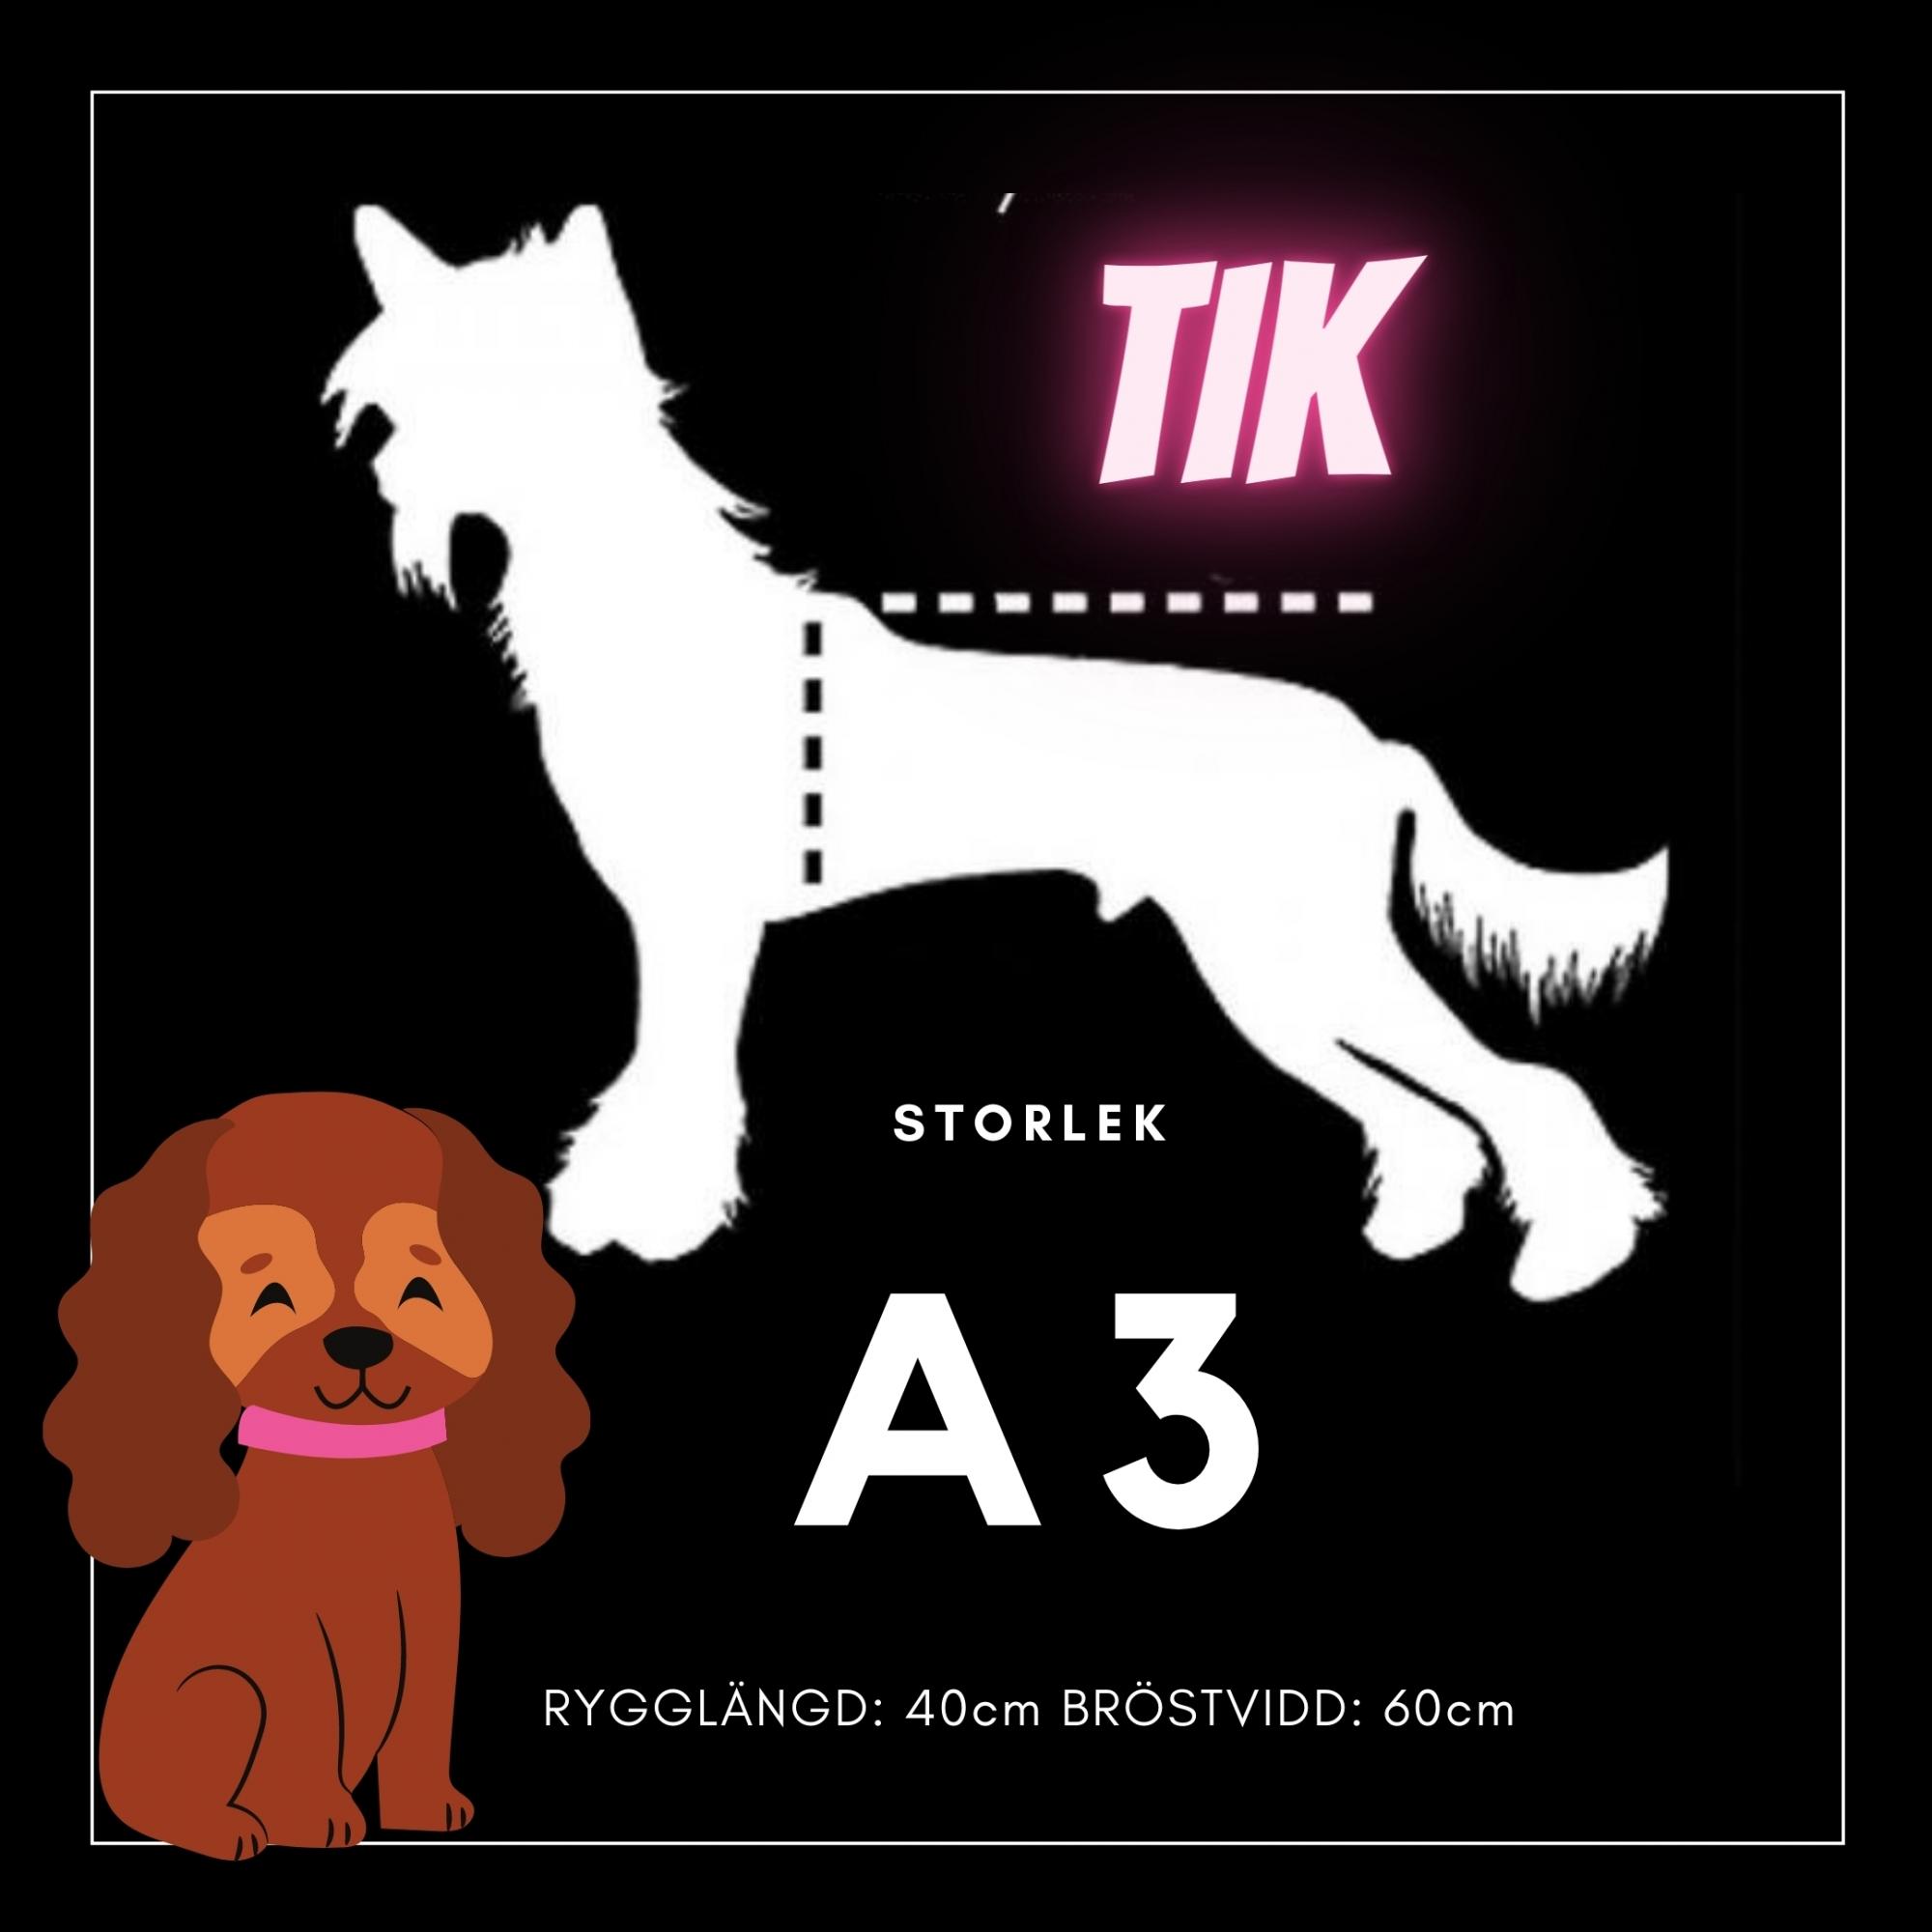 Tik Storlek A3 - Passion For Pet Fashion